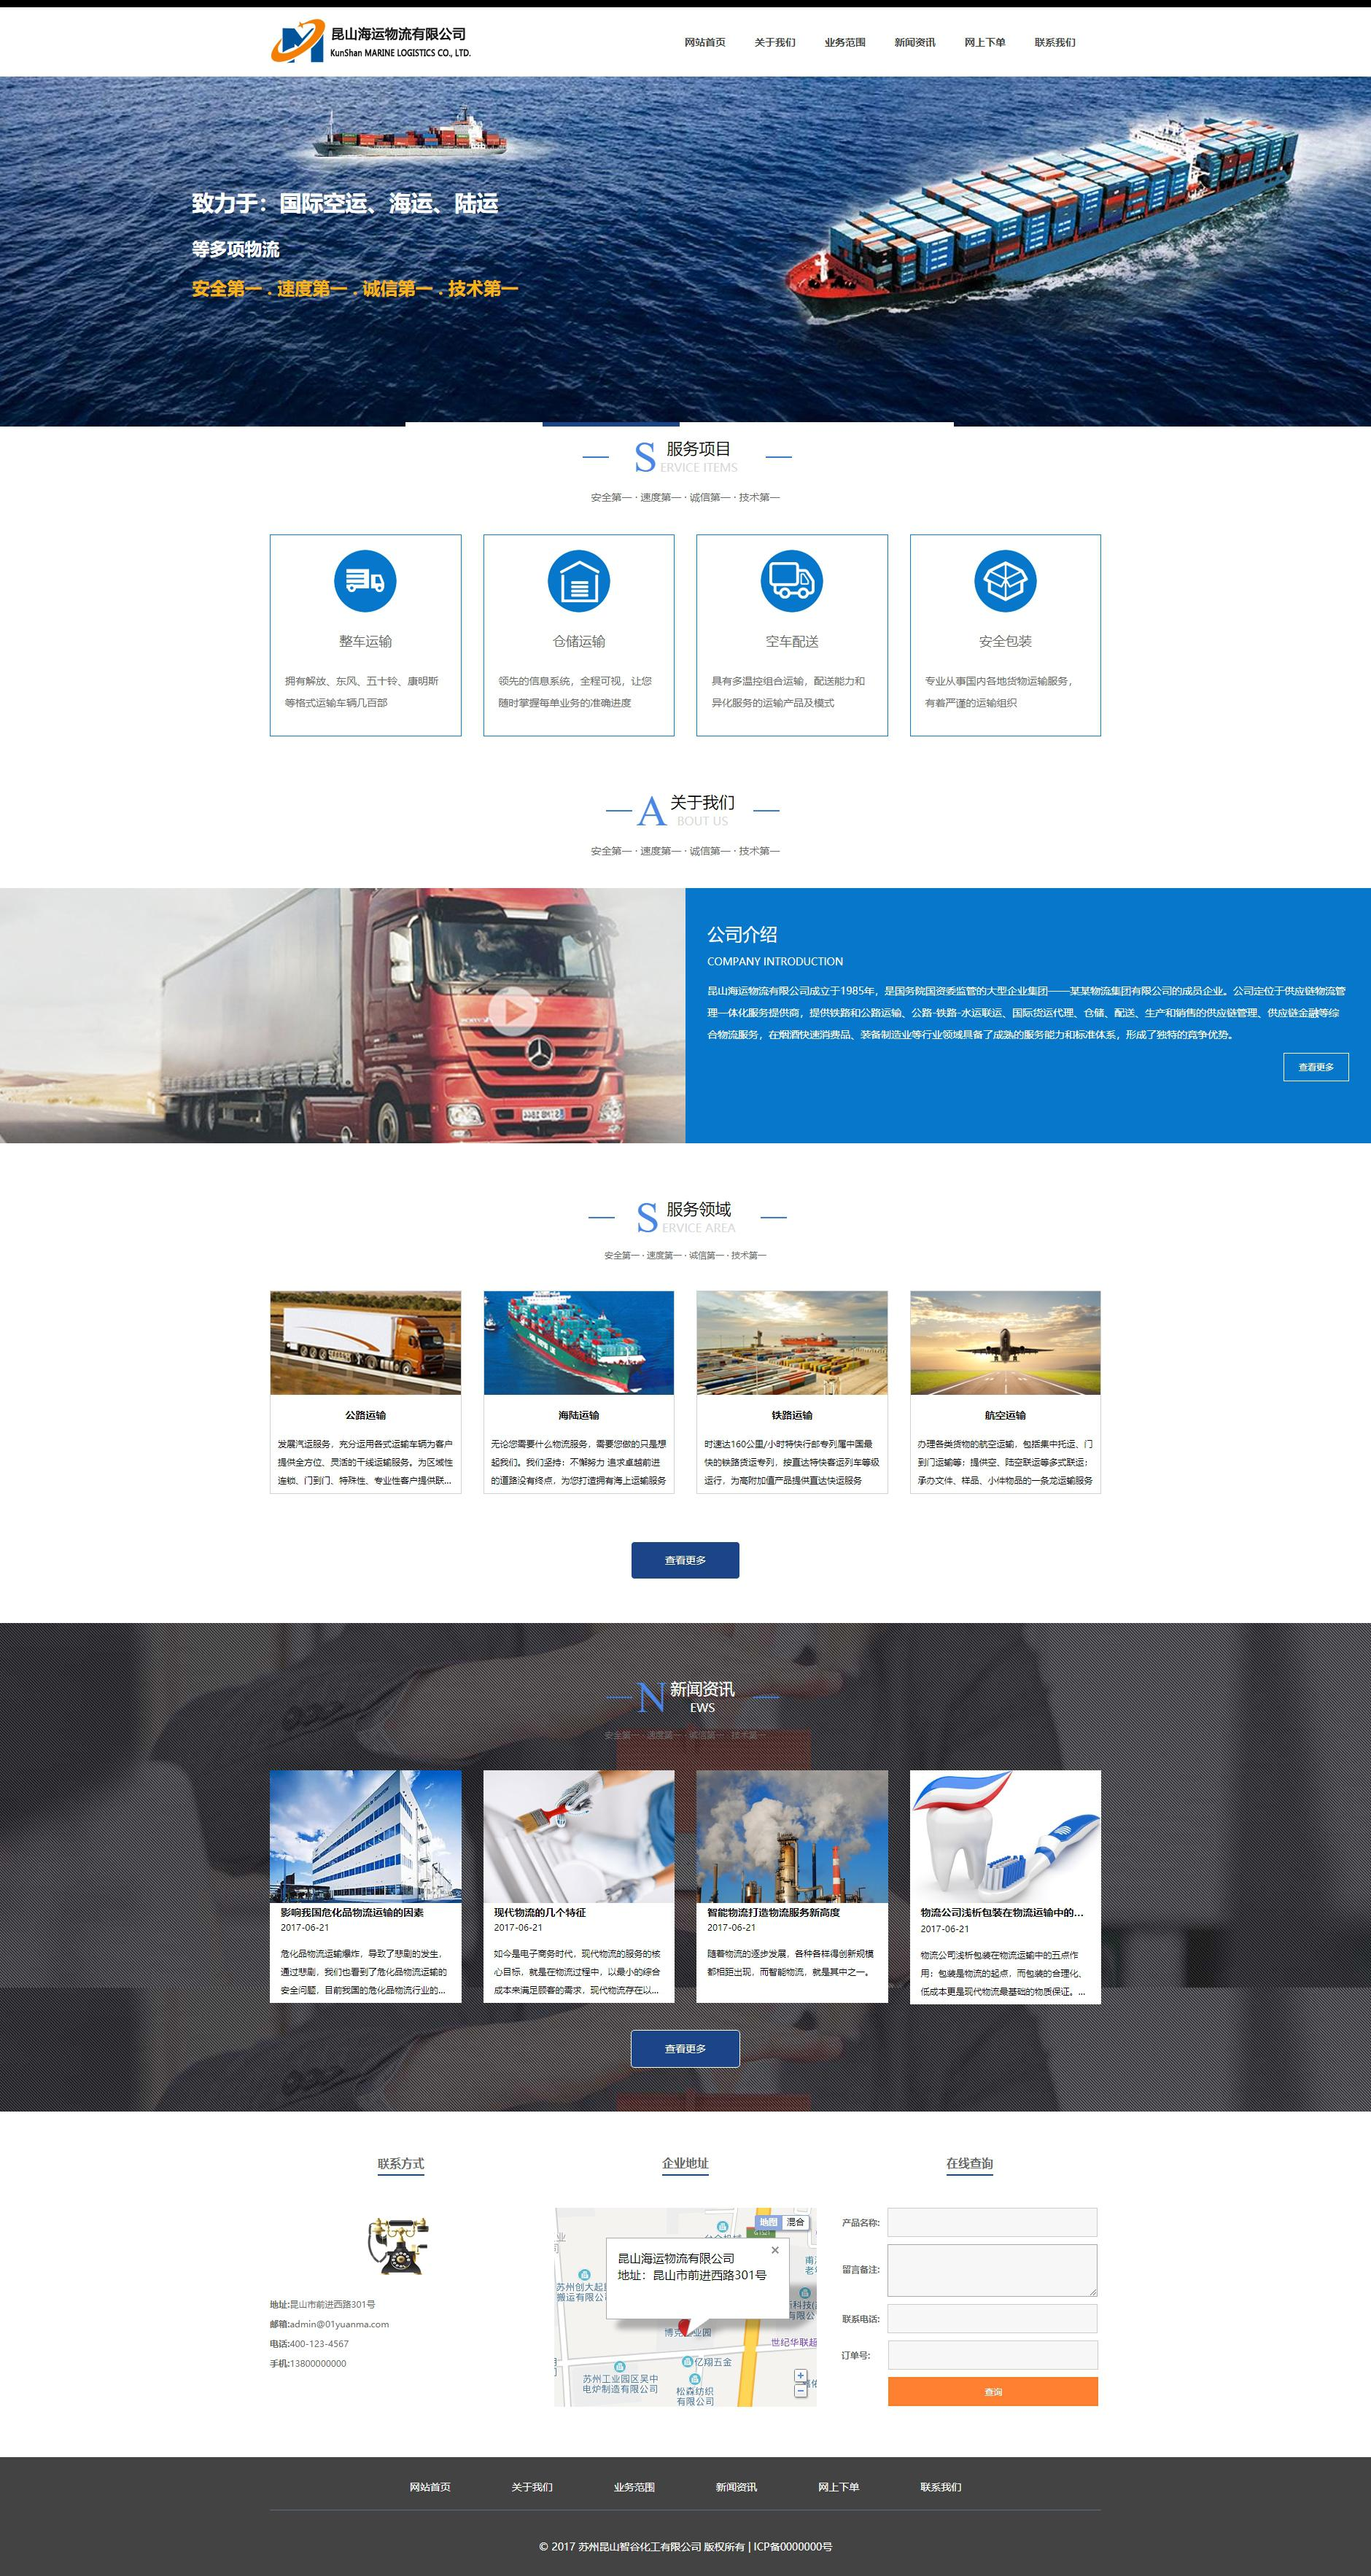 蓝色大气的海运物流公司网站html模板